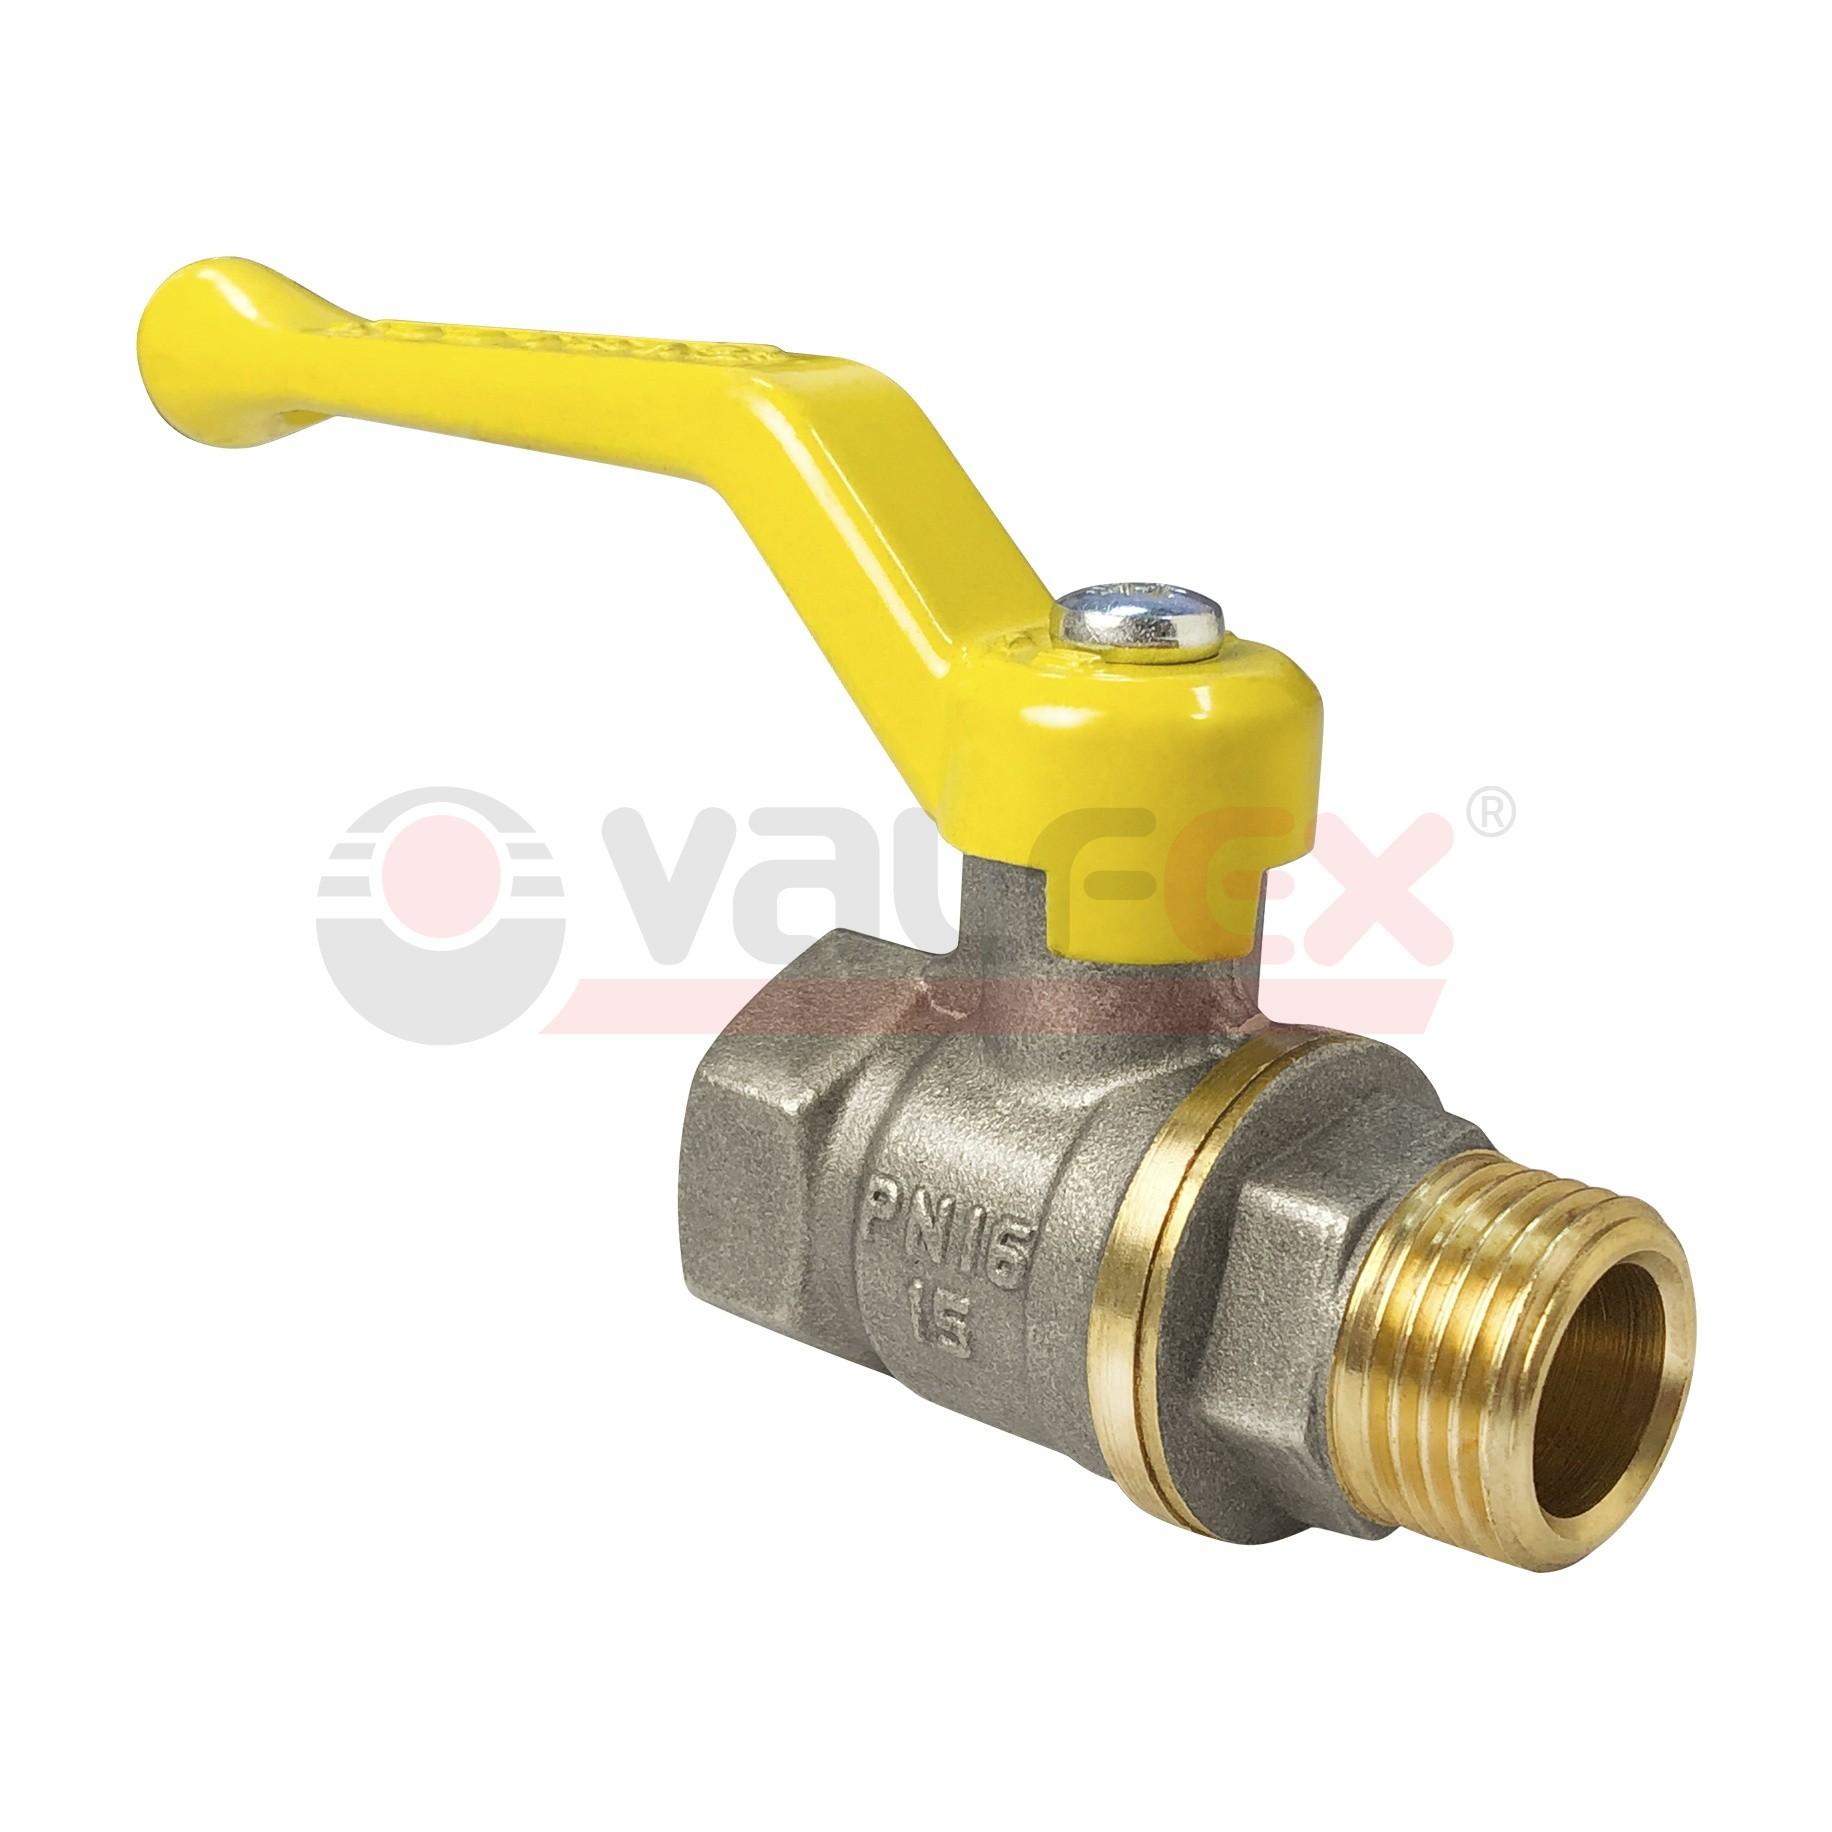 Кран шаровой для газа полнопроходной VALFEX ручка рычаг резьба внутренняя-наружная